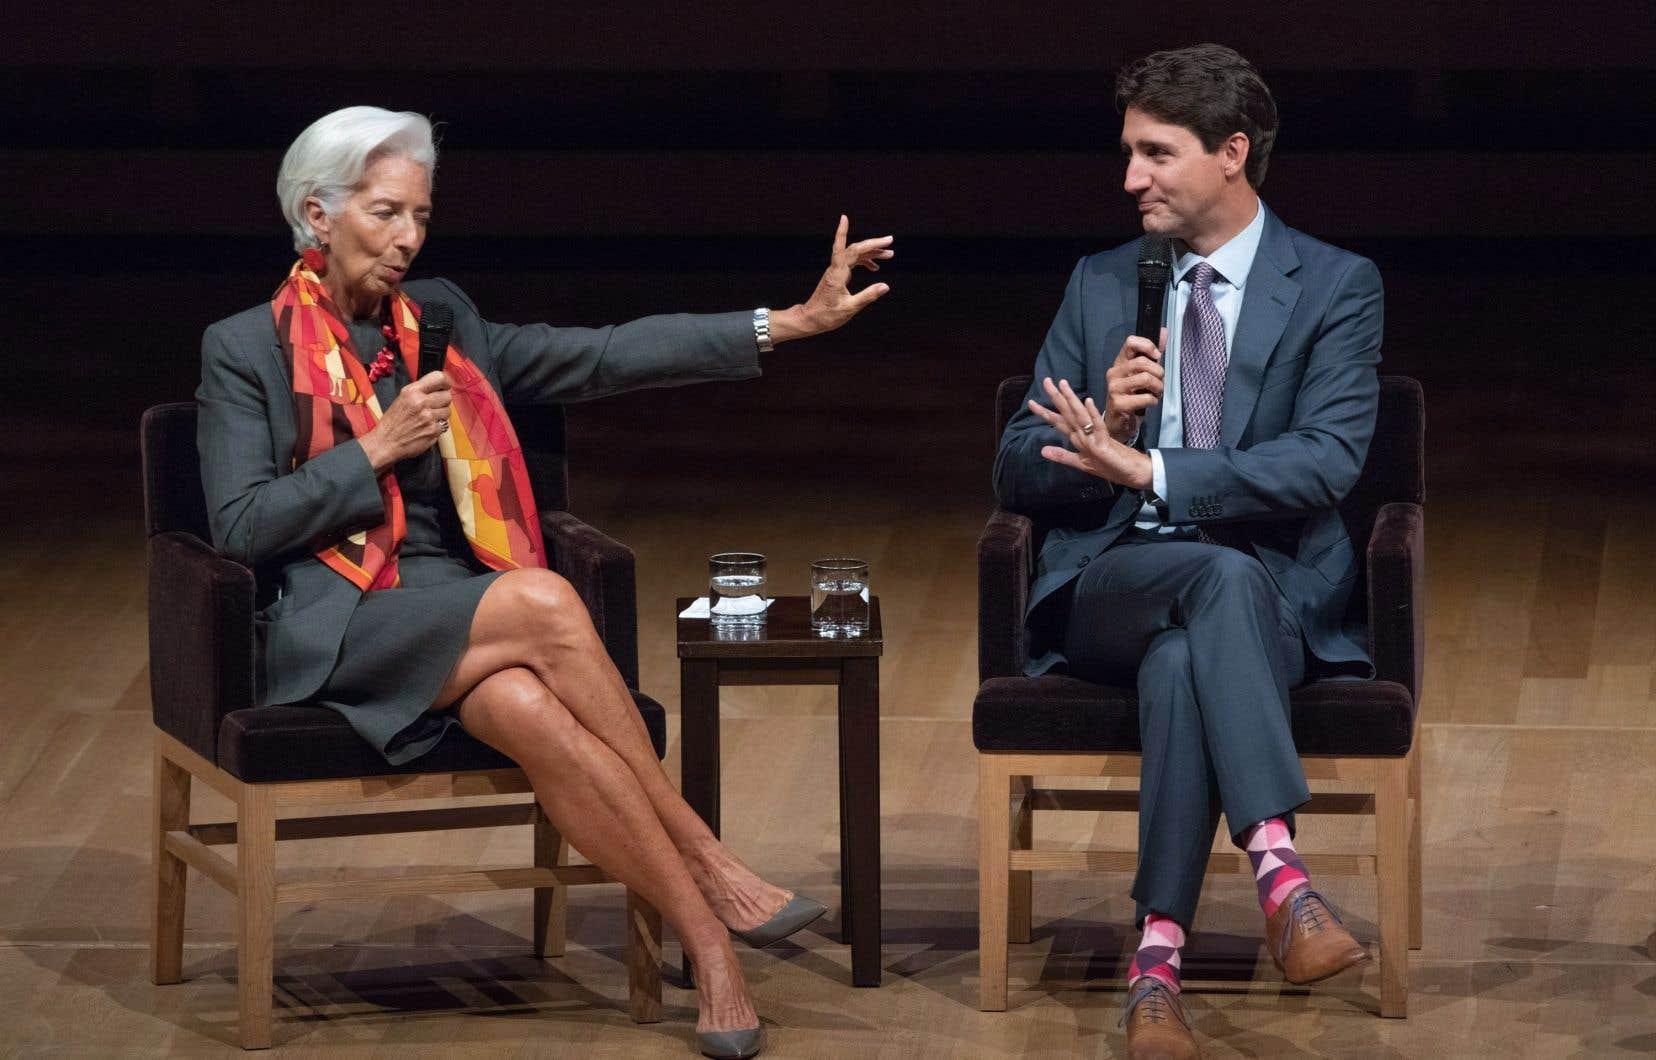 Le premier ministre Justin Trudeau participe à une discussion informelle avec Christine Lagarde, directrice générale du Fonds monétaire international, animée par la journaliste Katie Couric, lors du sommet Women in the World à Toronto, le lundi 10 septembre 2018.